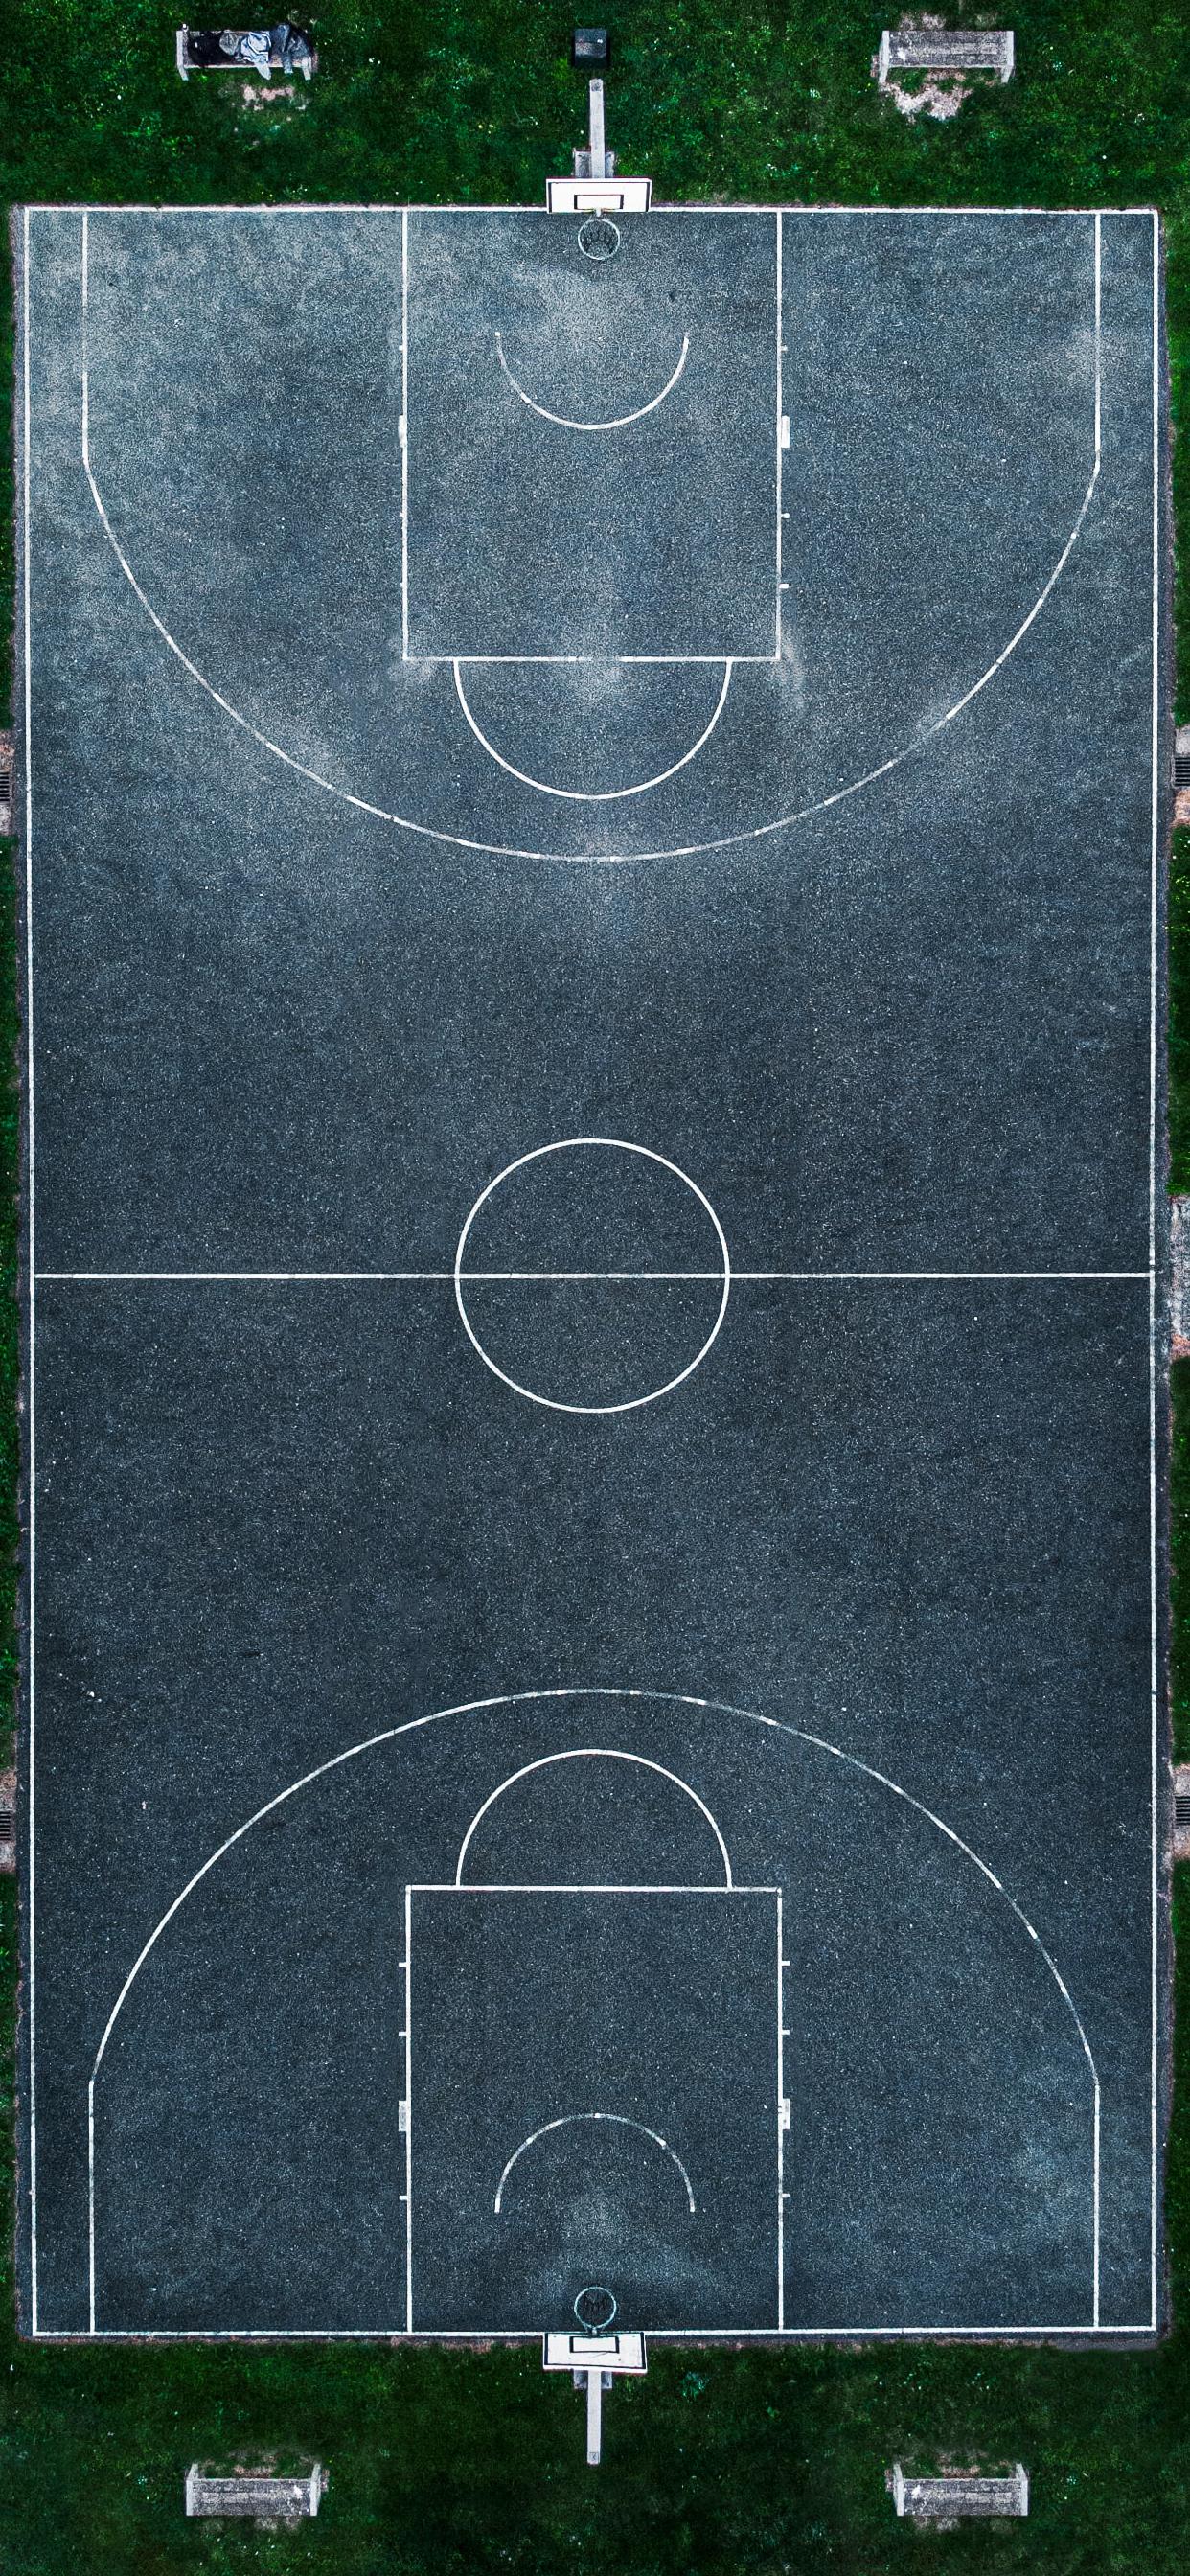 iPhone wallpapers basketball court netherlands Fonds d'écran iPhone du 07/05/2020